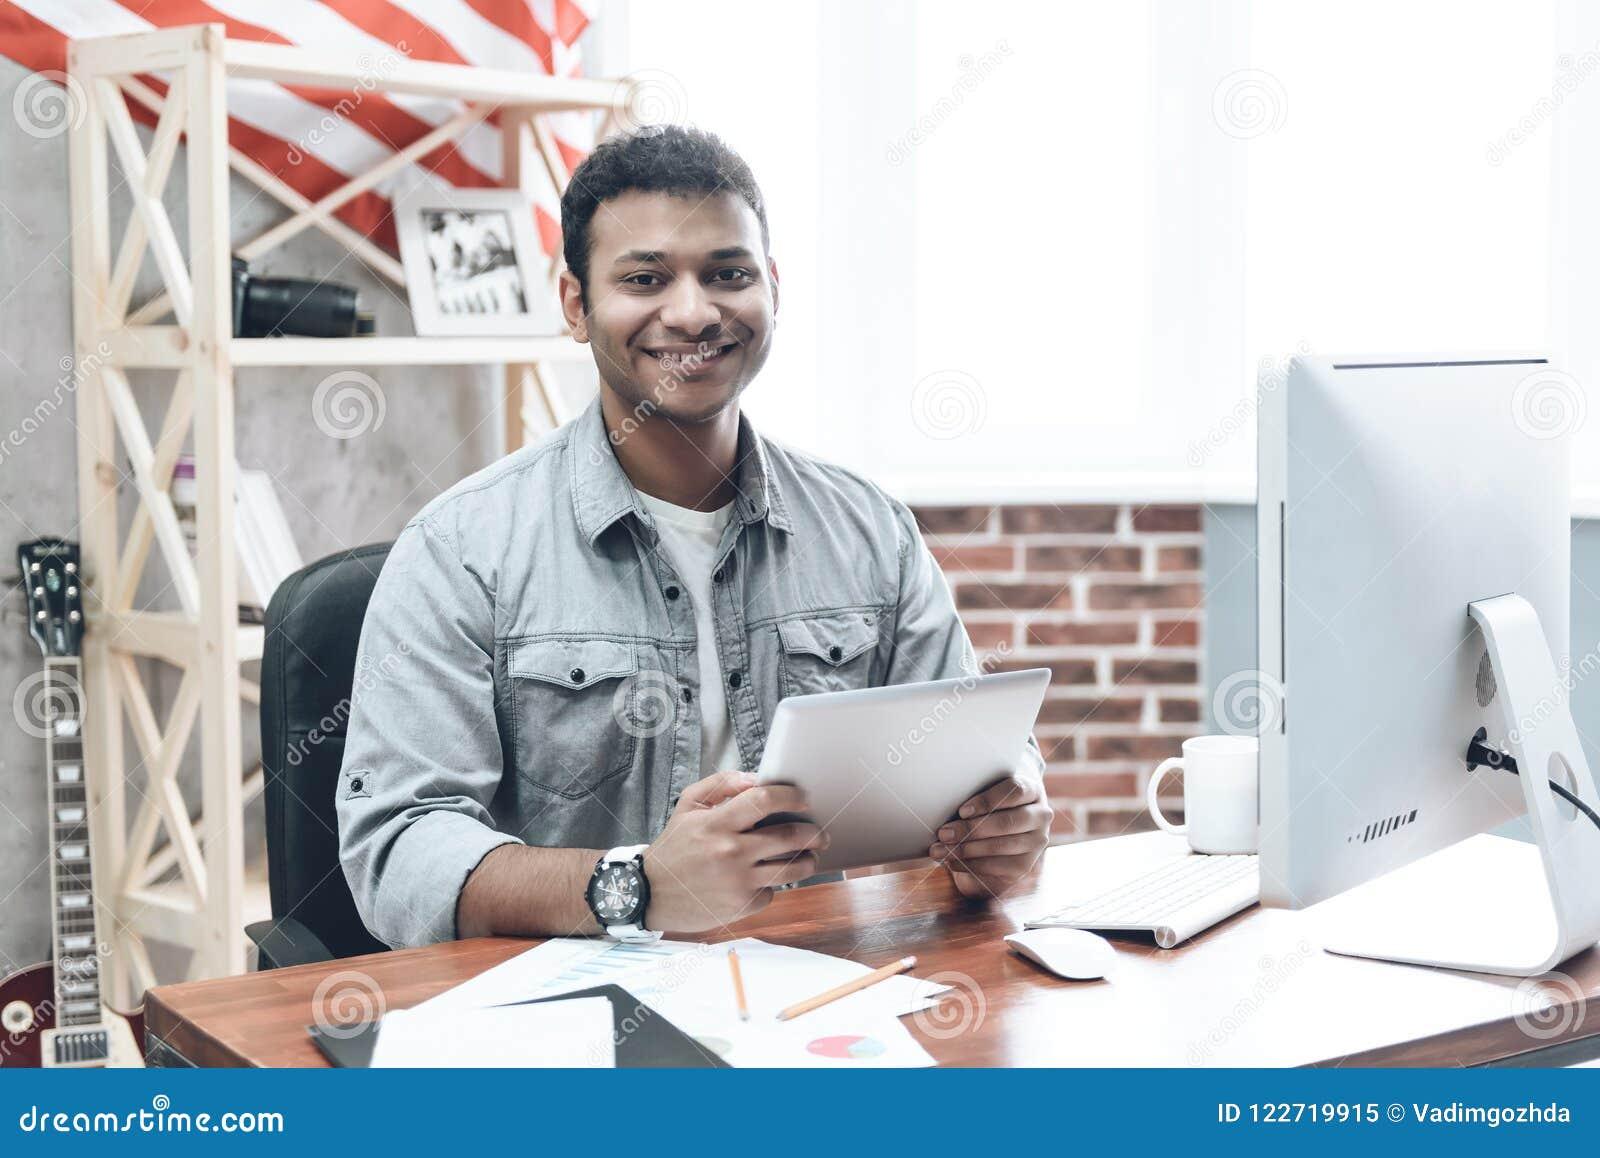 Indischer junger Geschäftsmann Work auf Computer auf Tabelle